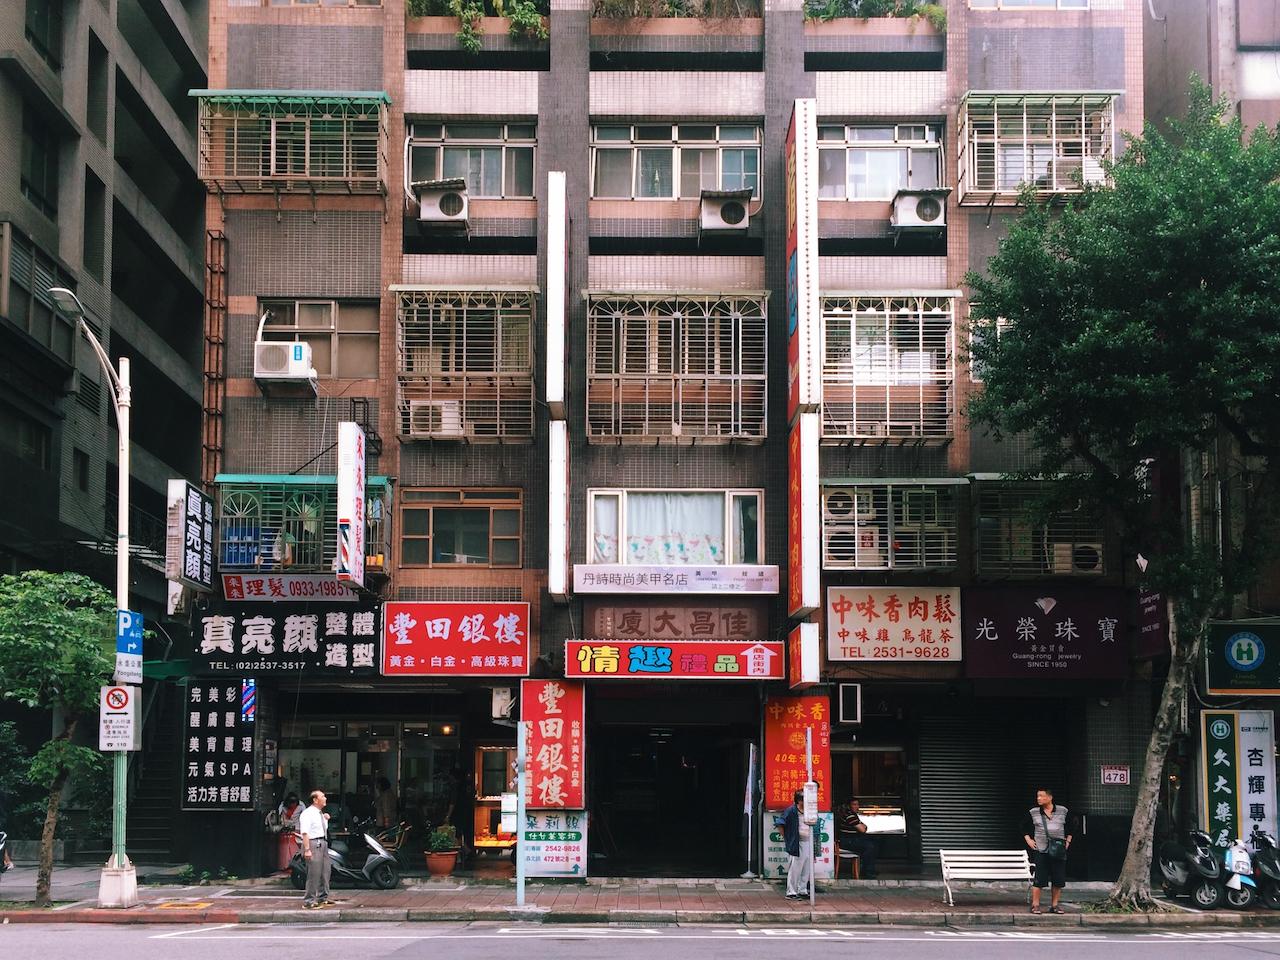 Тайбэй похож на низкорослый Гонконг